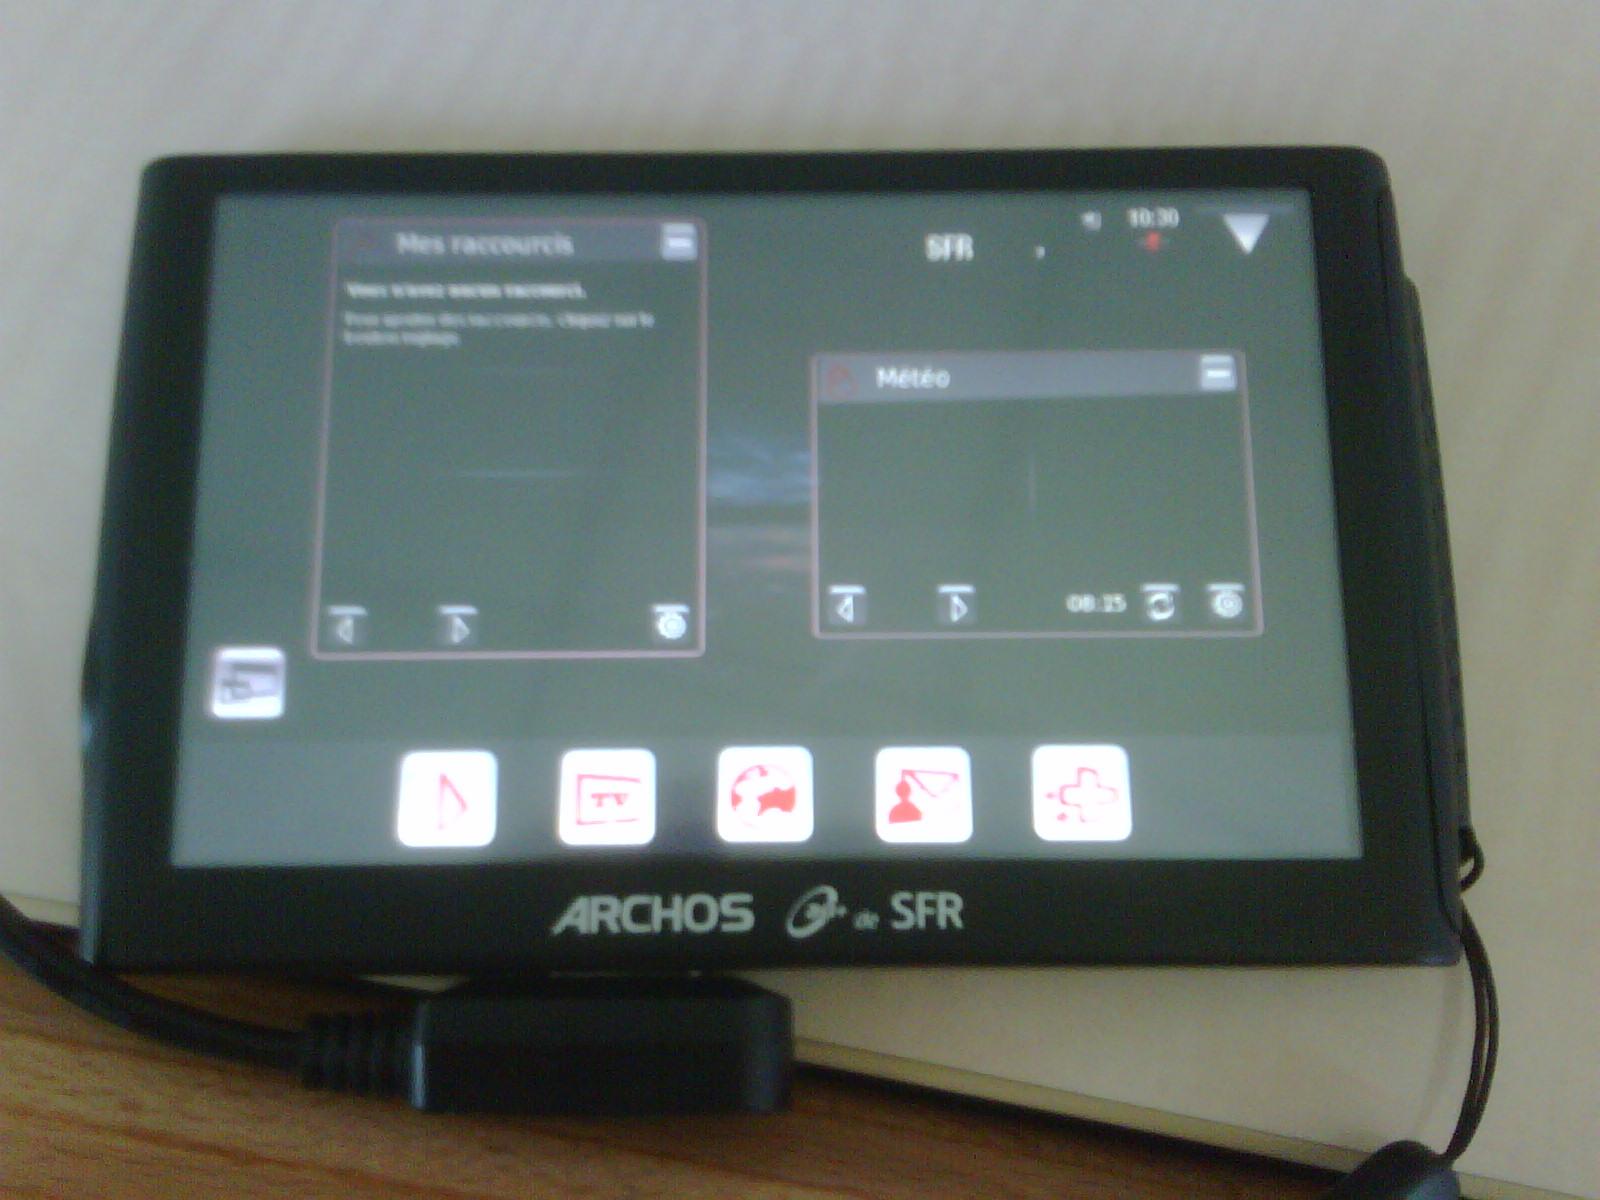 ARCHOS ARCHOS 3G+ DE SFR DRIVER